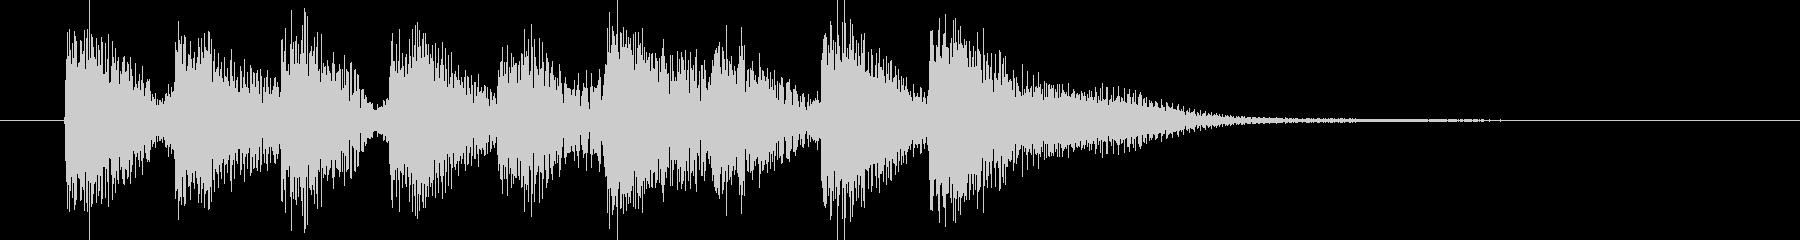 ジングル(ポップ1)の未再生の波形